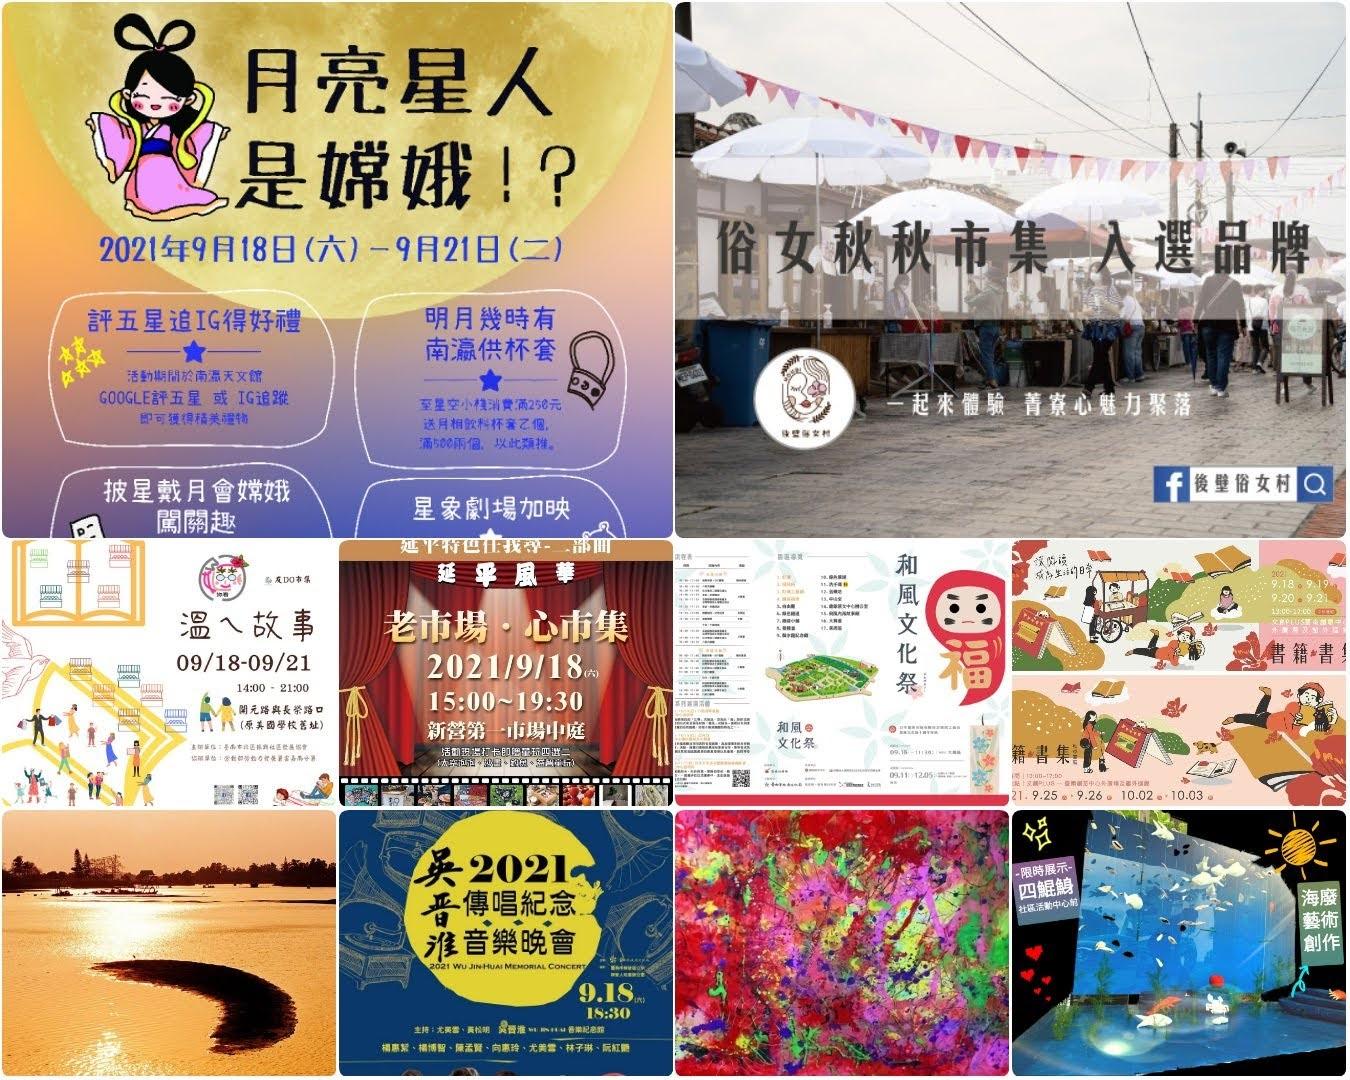 [活動] 2021/9/17-9/21|台南中秋連假週末資訊整理|本週資訊數︰94